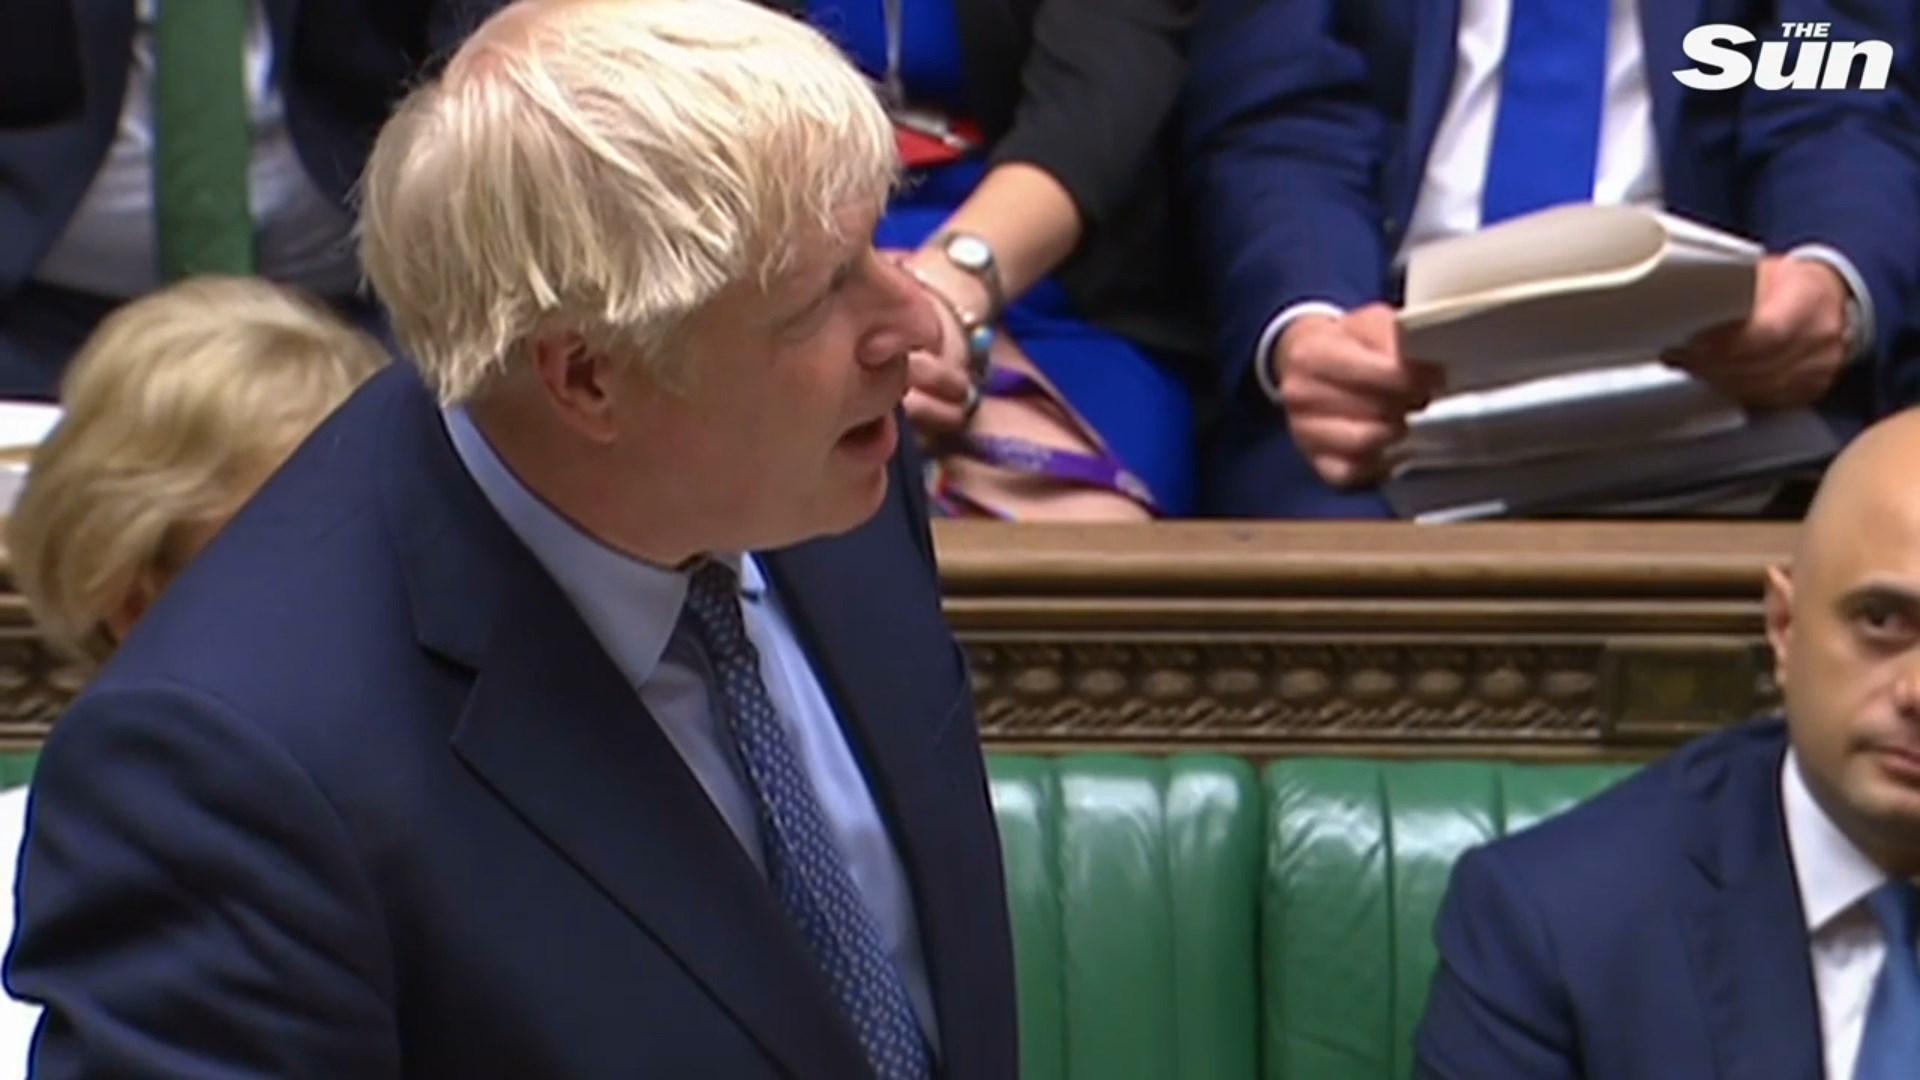 Kritikohet për gjuhën e përdorur në parlament, Johnson mbron fjalorin